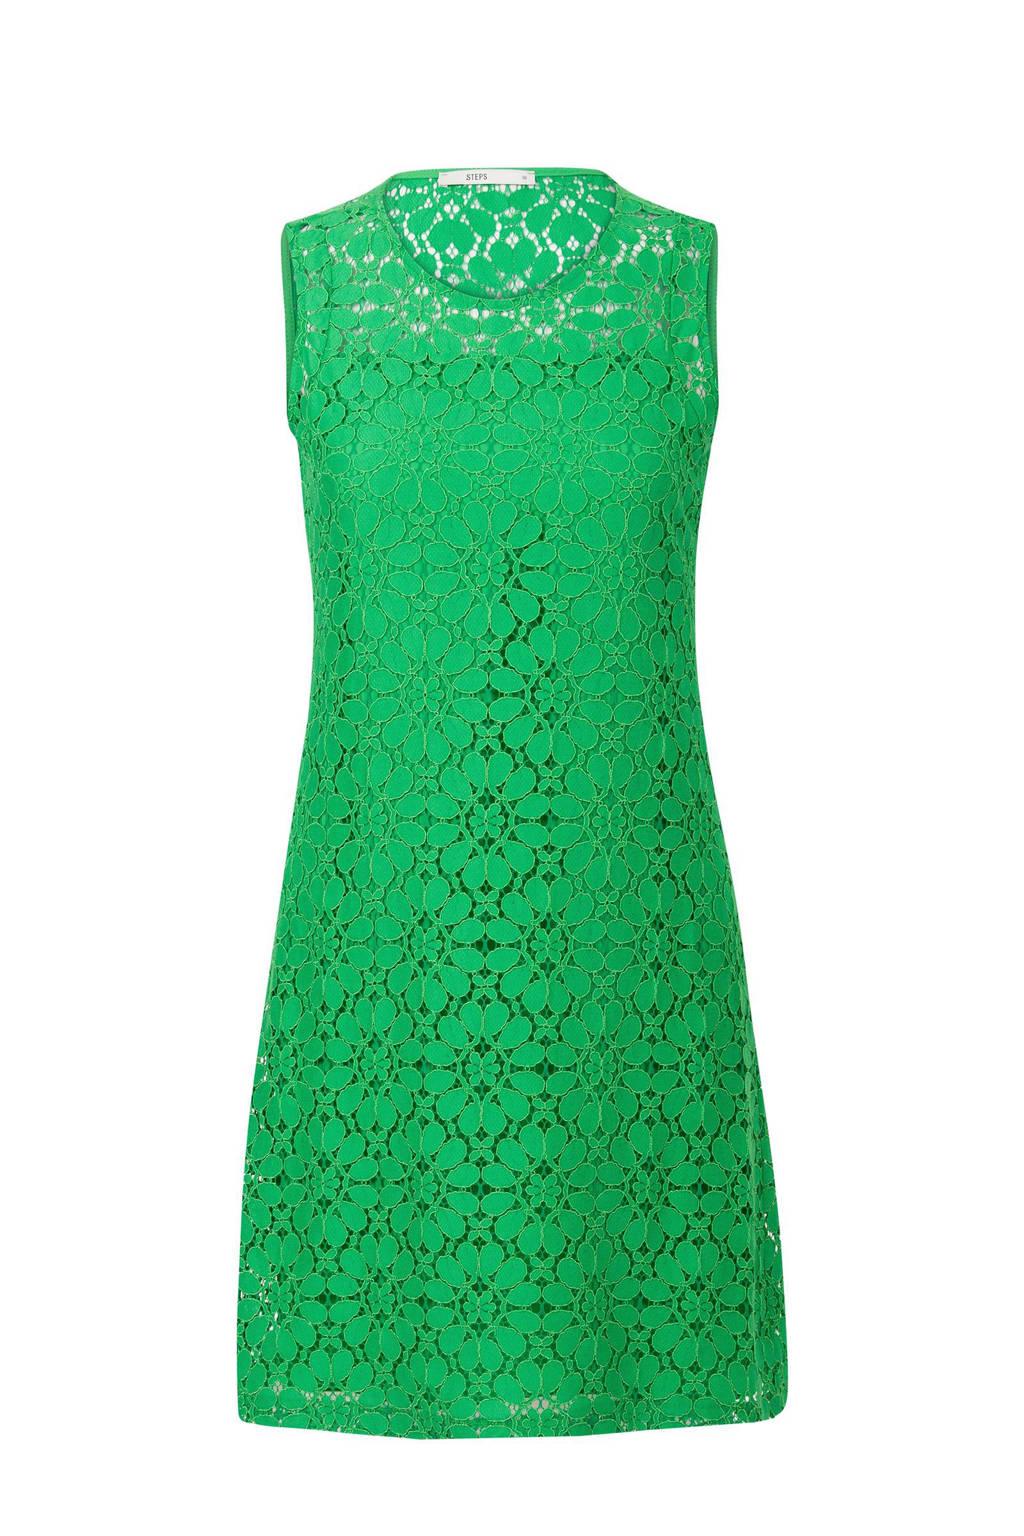 Steps kanten jurk groen, Groen